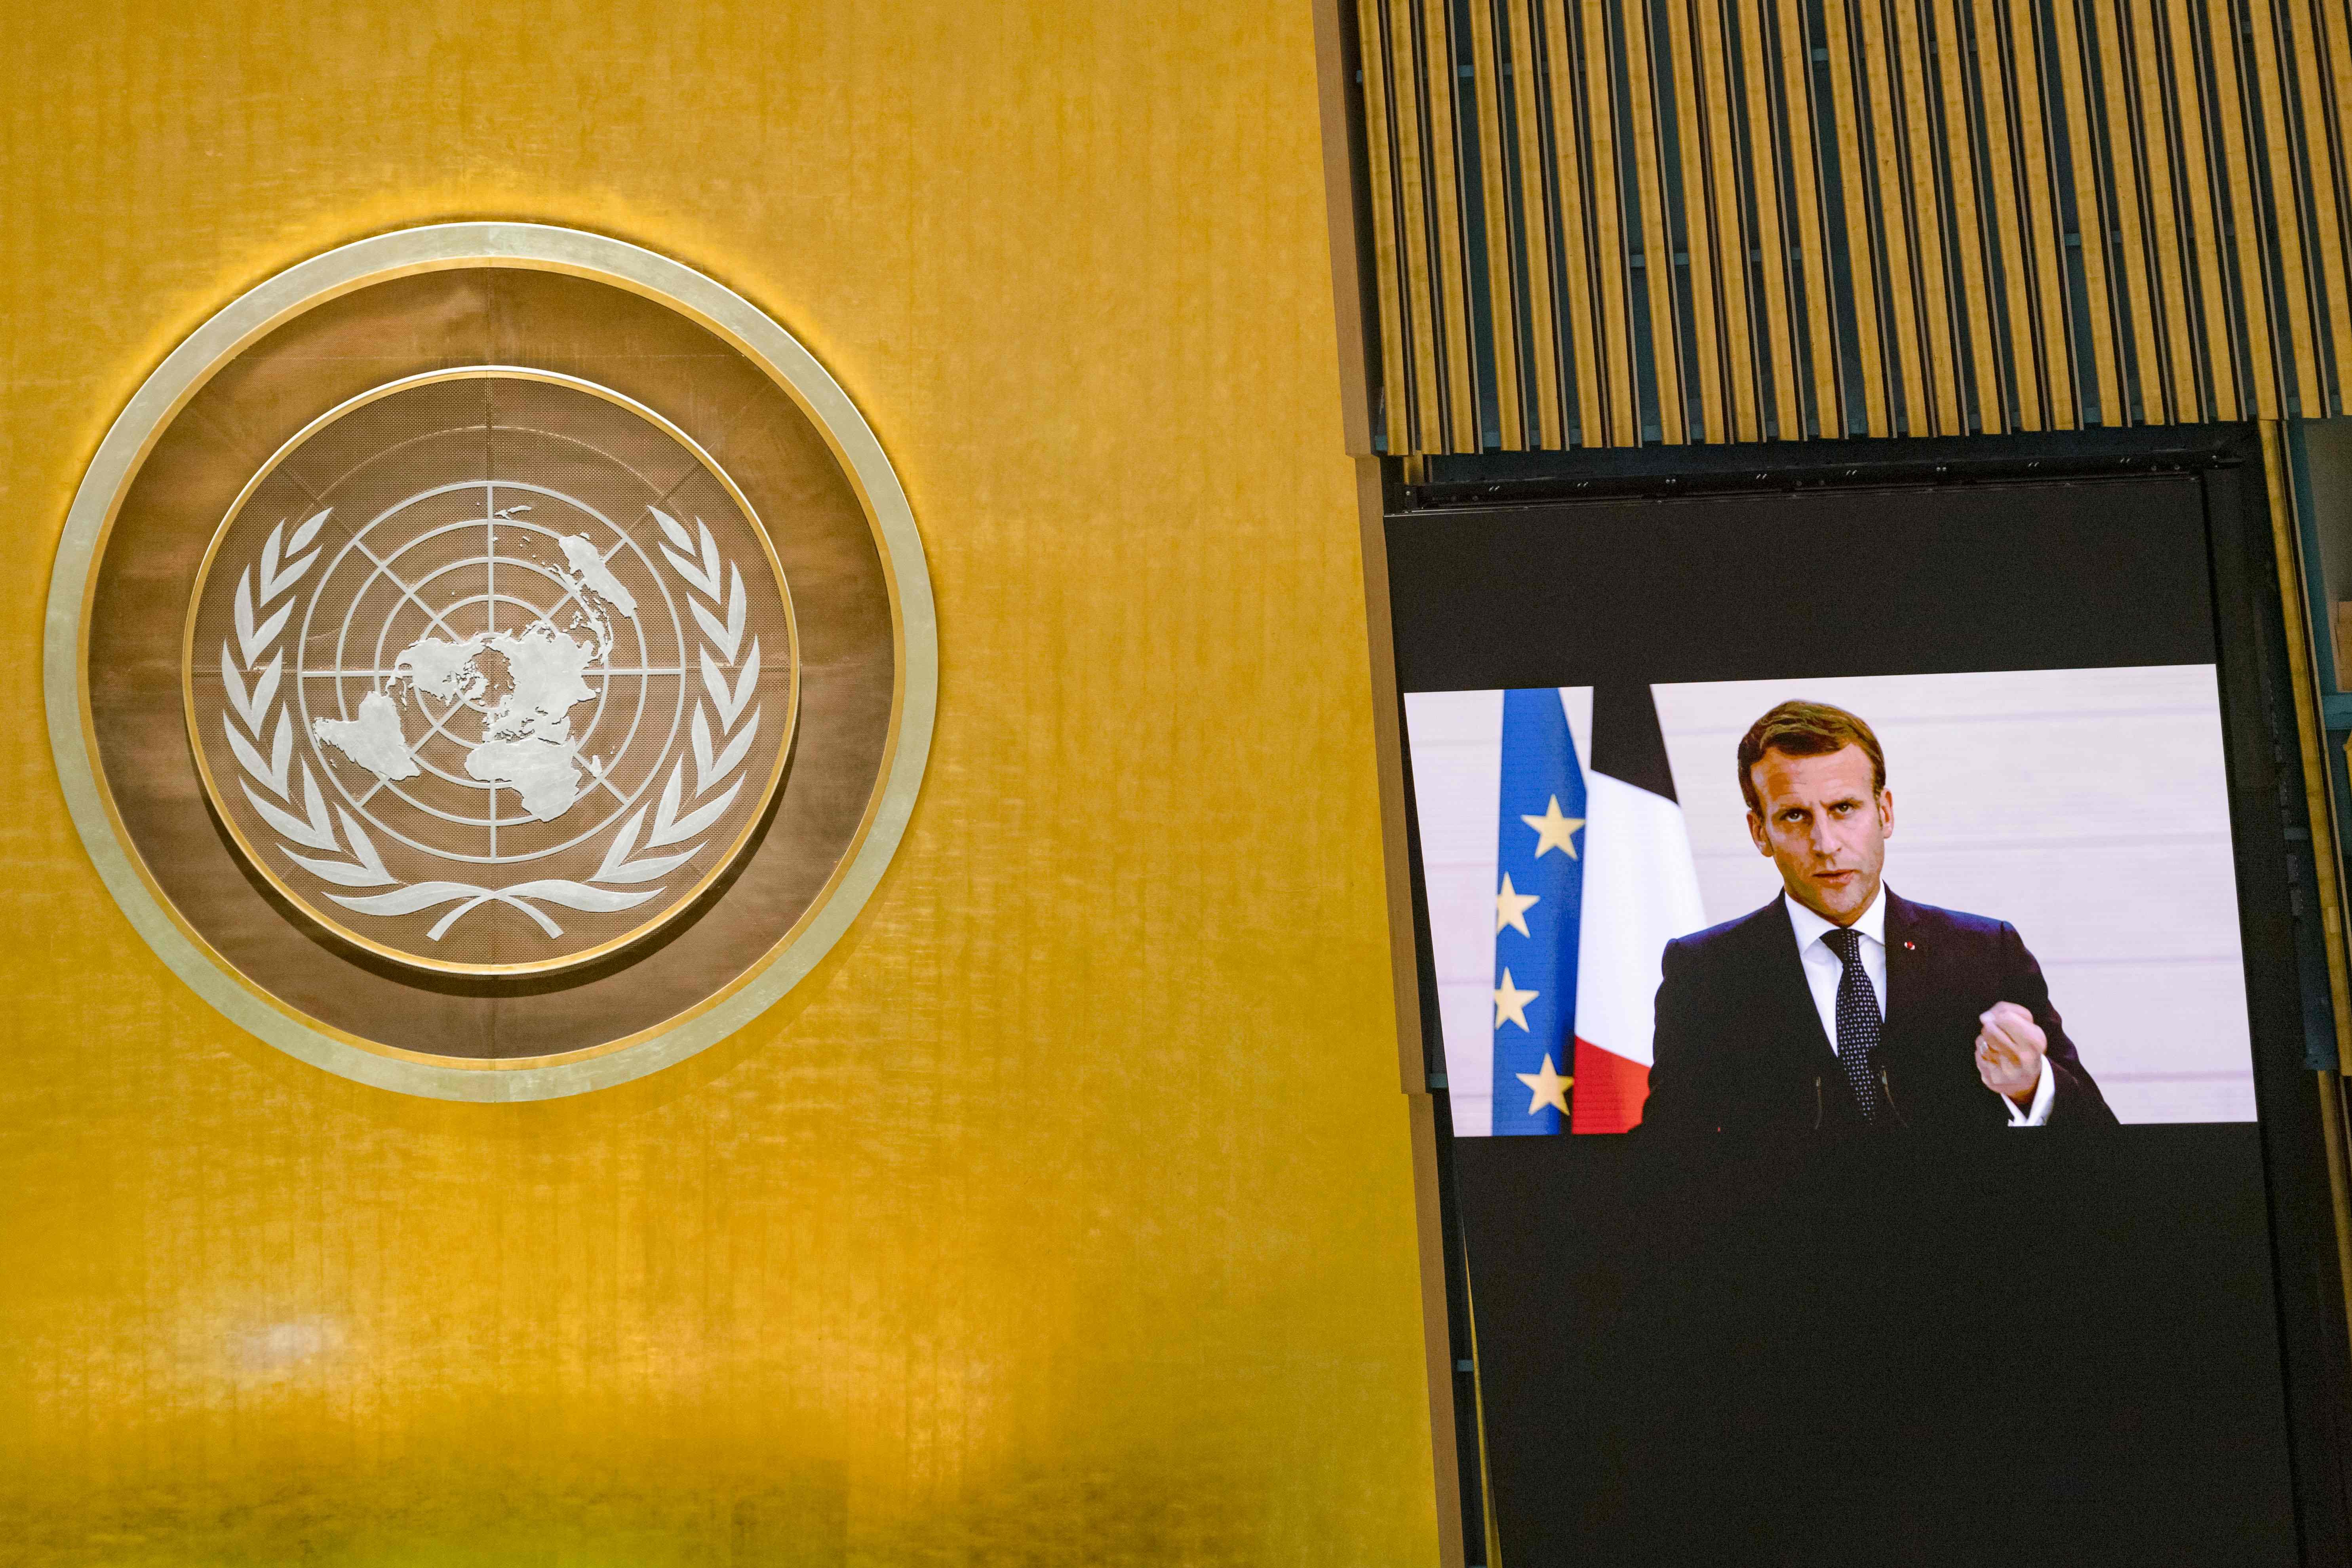 9月22日,在位于纽约的联合国总部,法国总统马克龙发表视频讲话。视觉中国 图